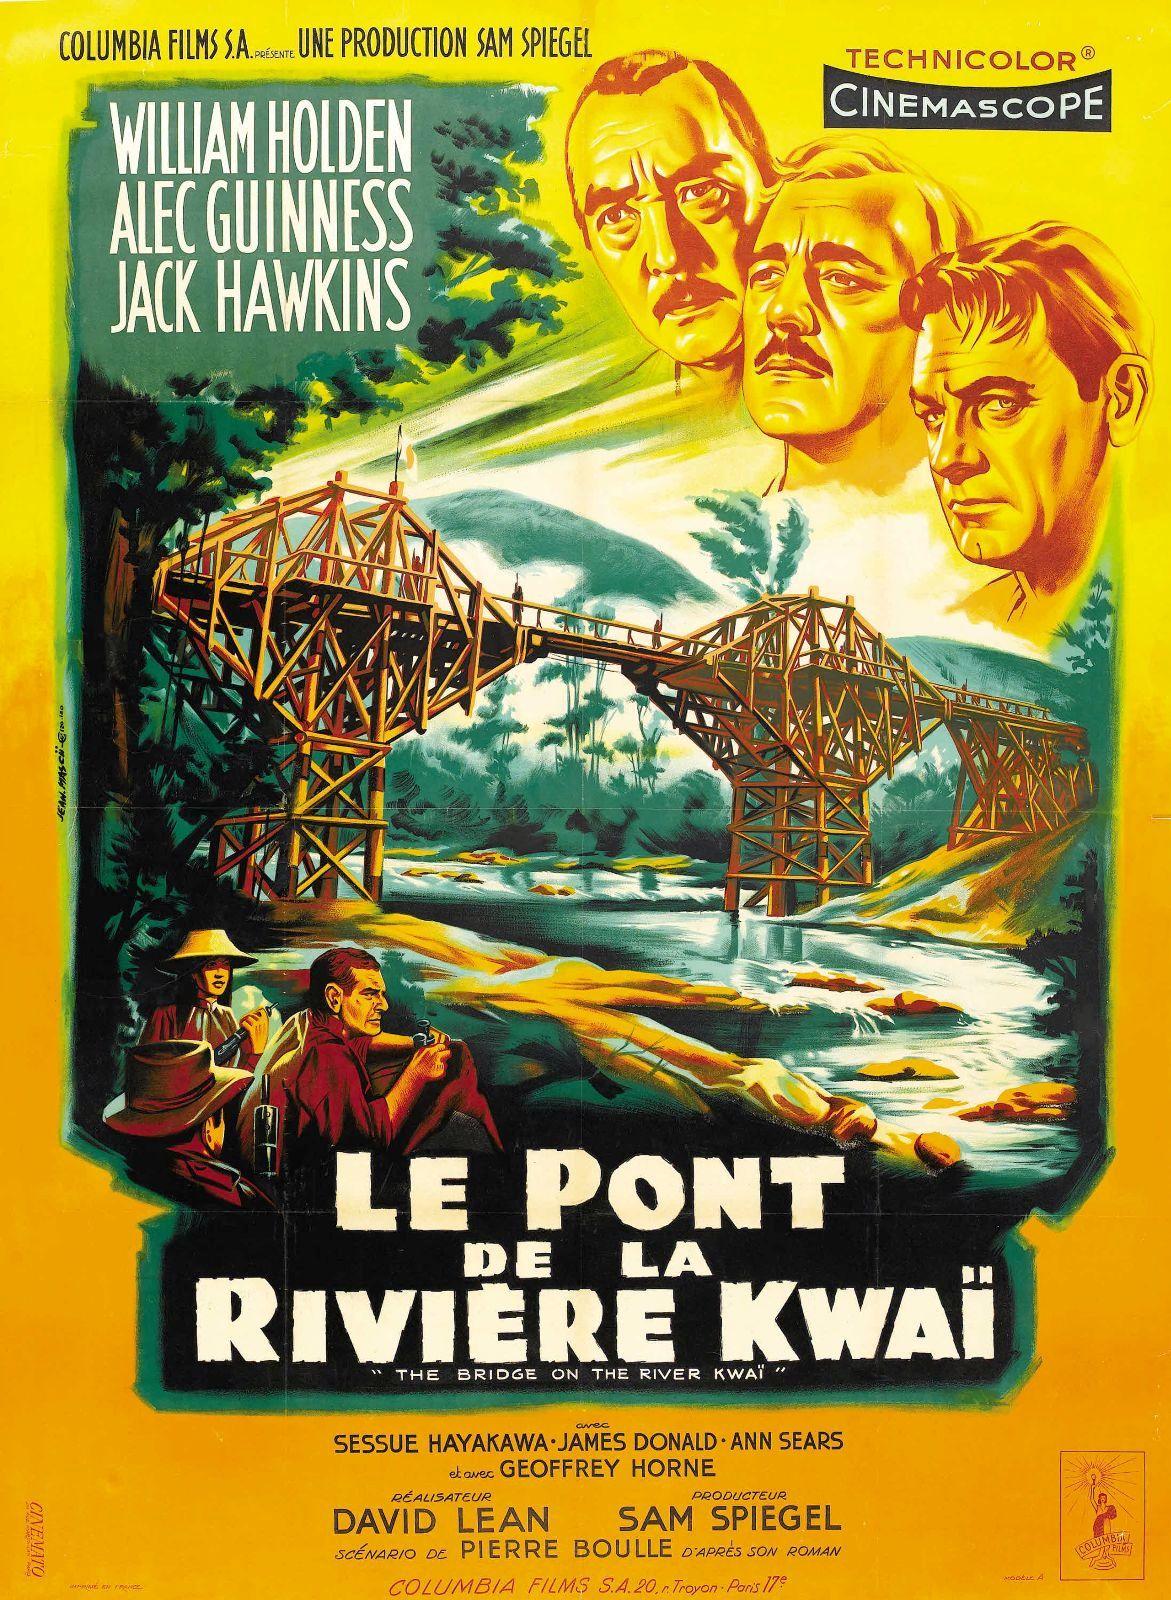 affiche du film Le Pont de la rivière Kwaï